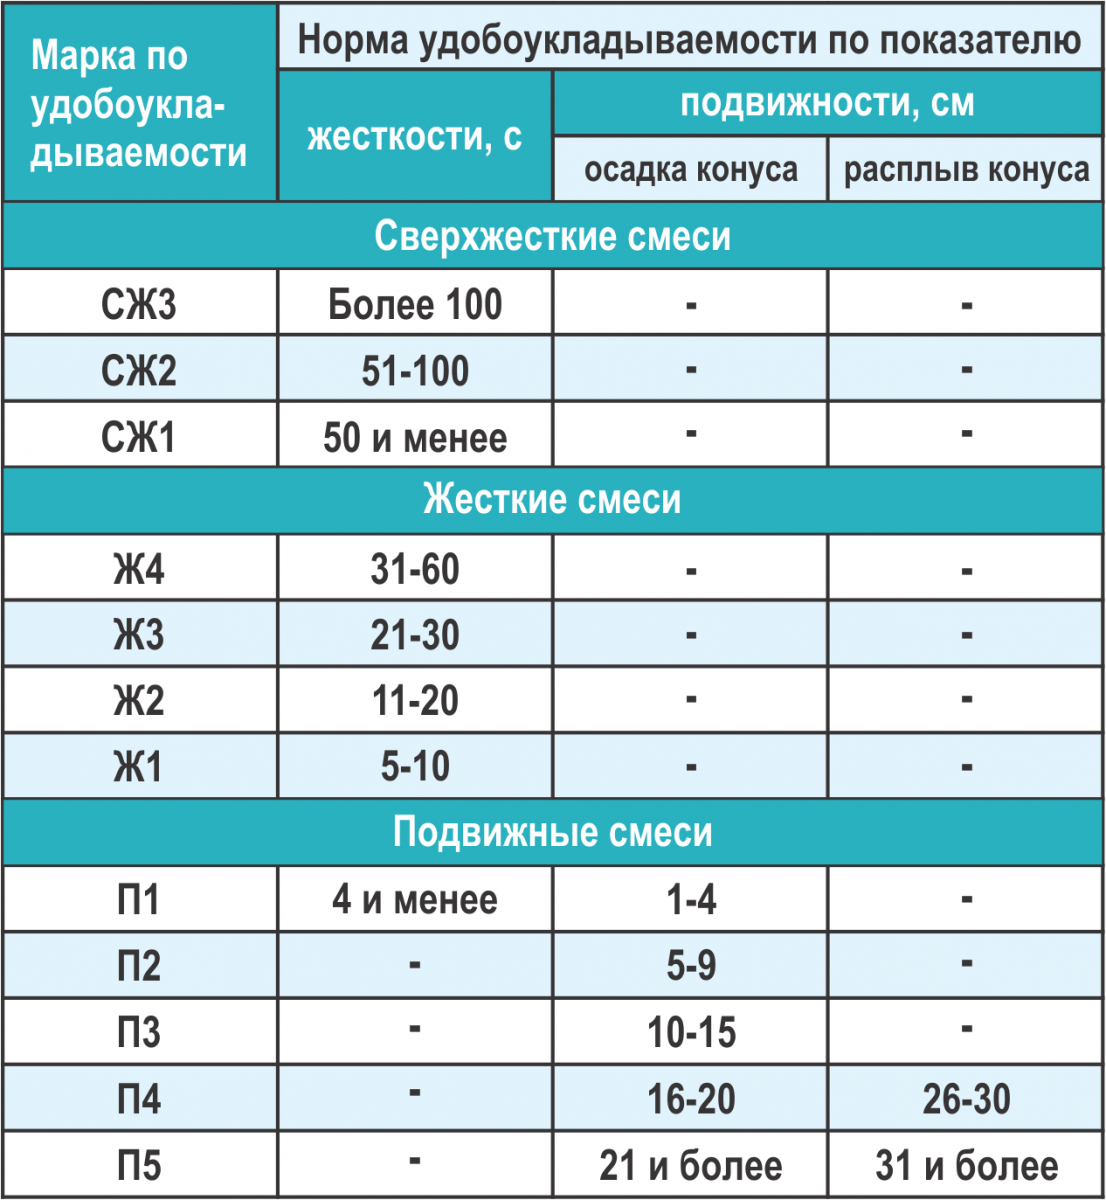 Что такое бетон: состав и область применения, классификация бетона по разным техническим характеристикам